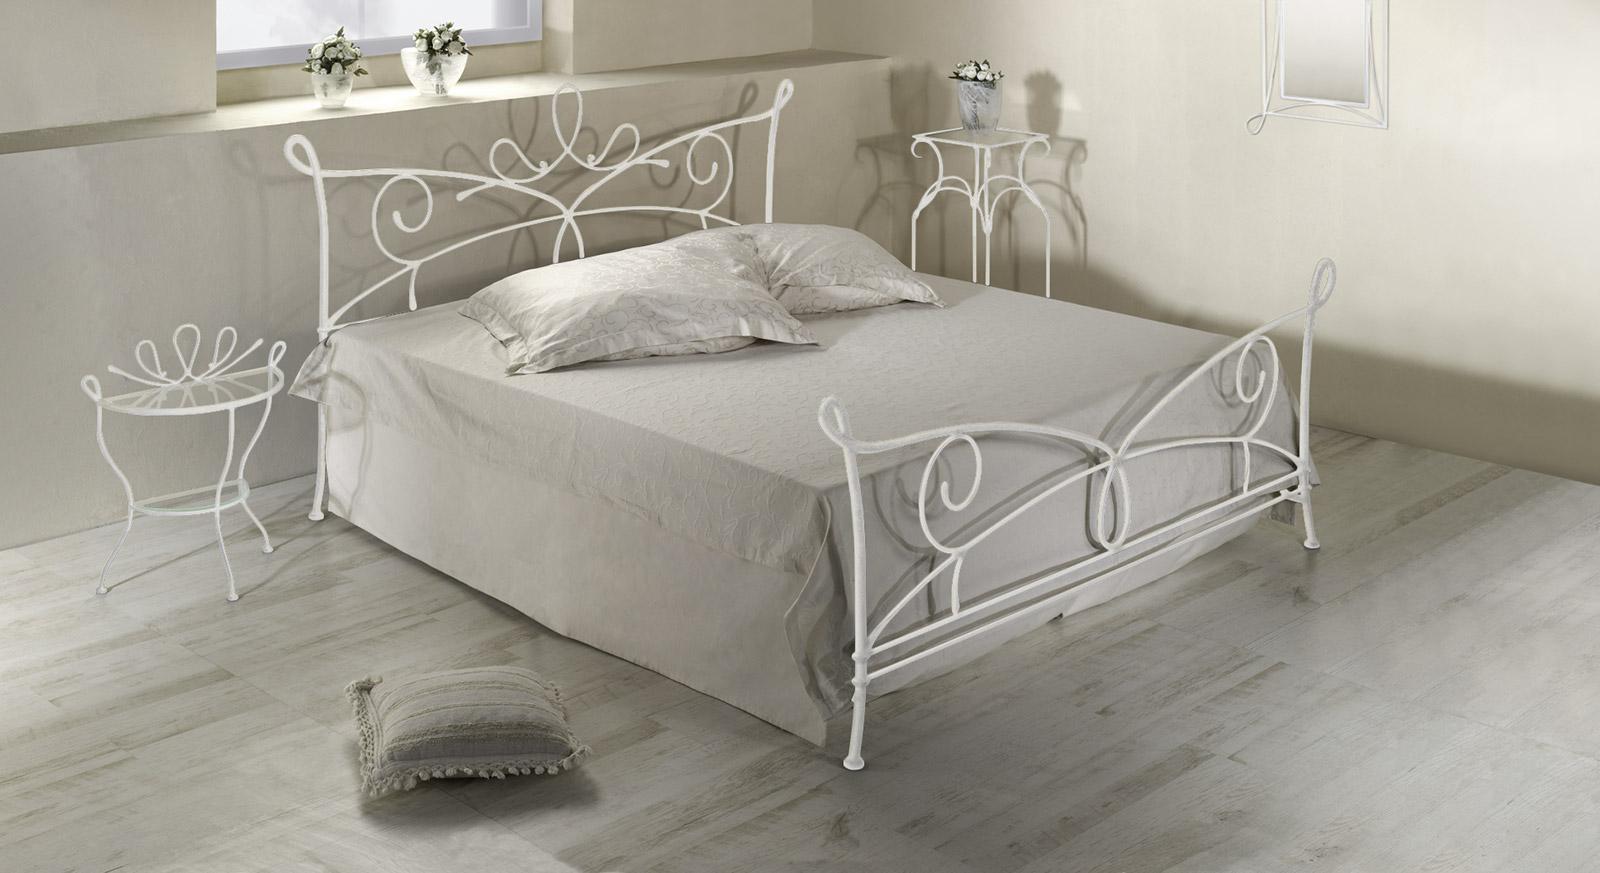 Bett Porco in weißem, silber gewischten Metall